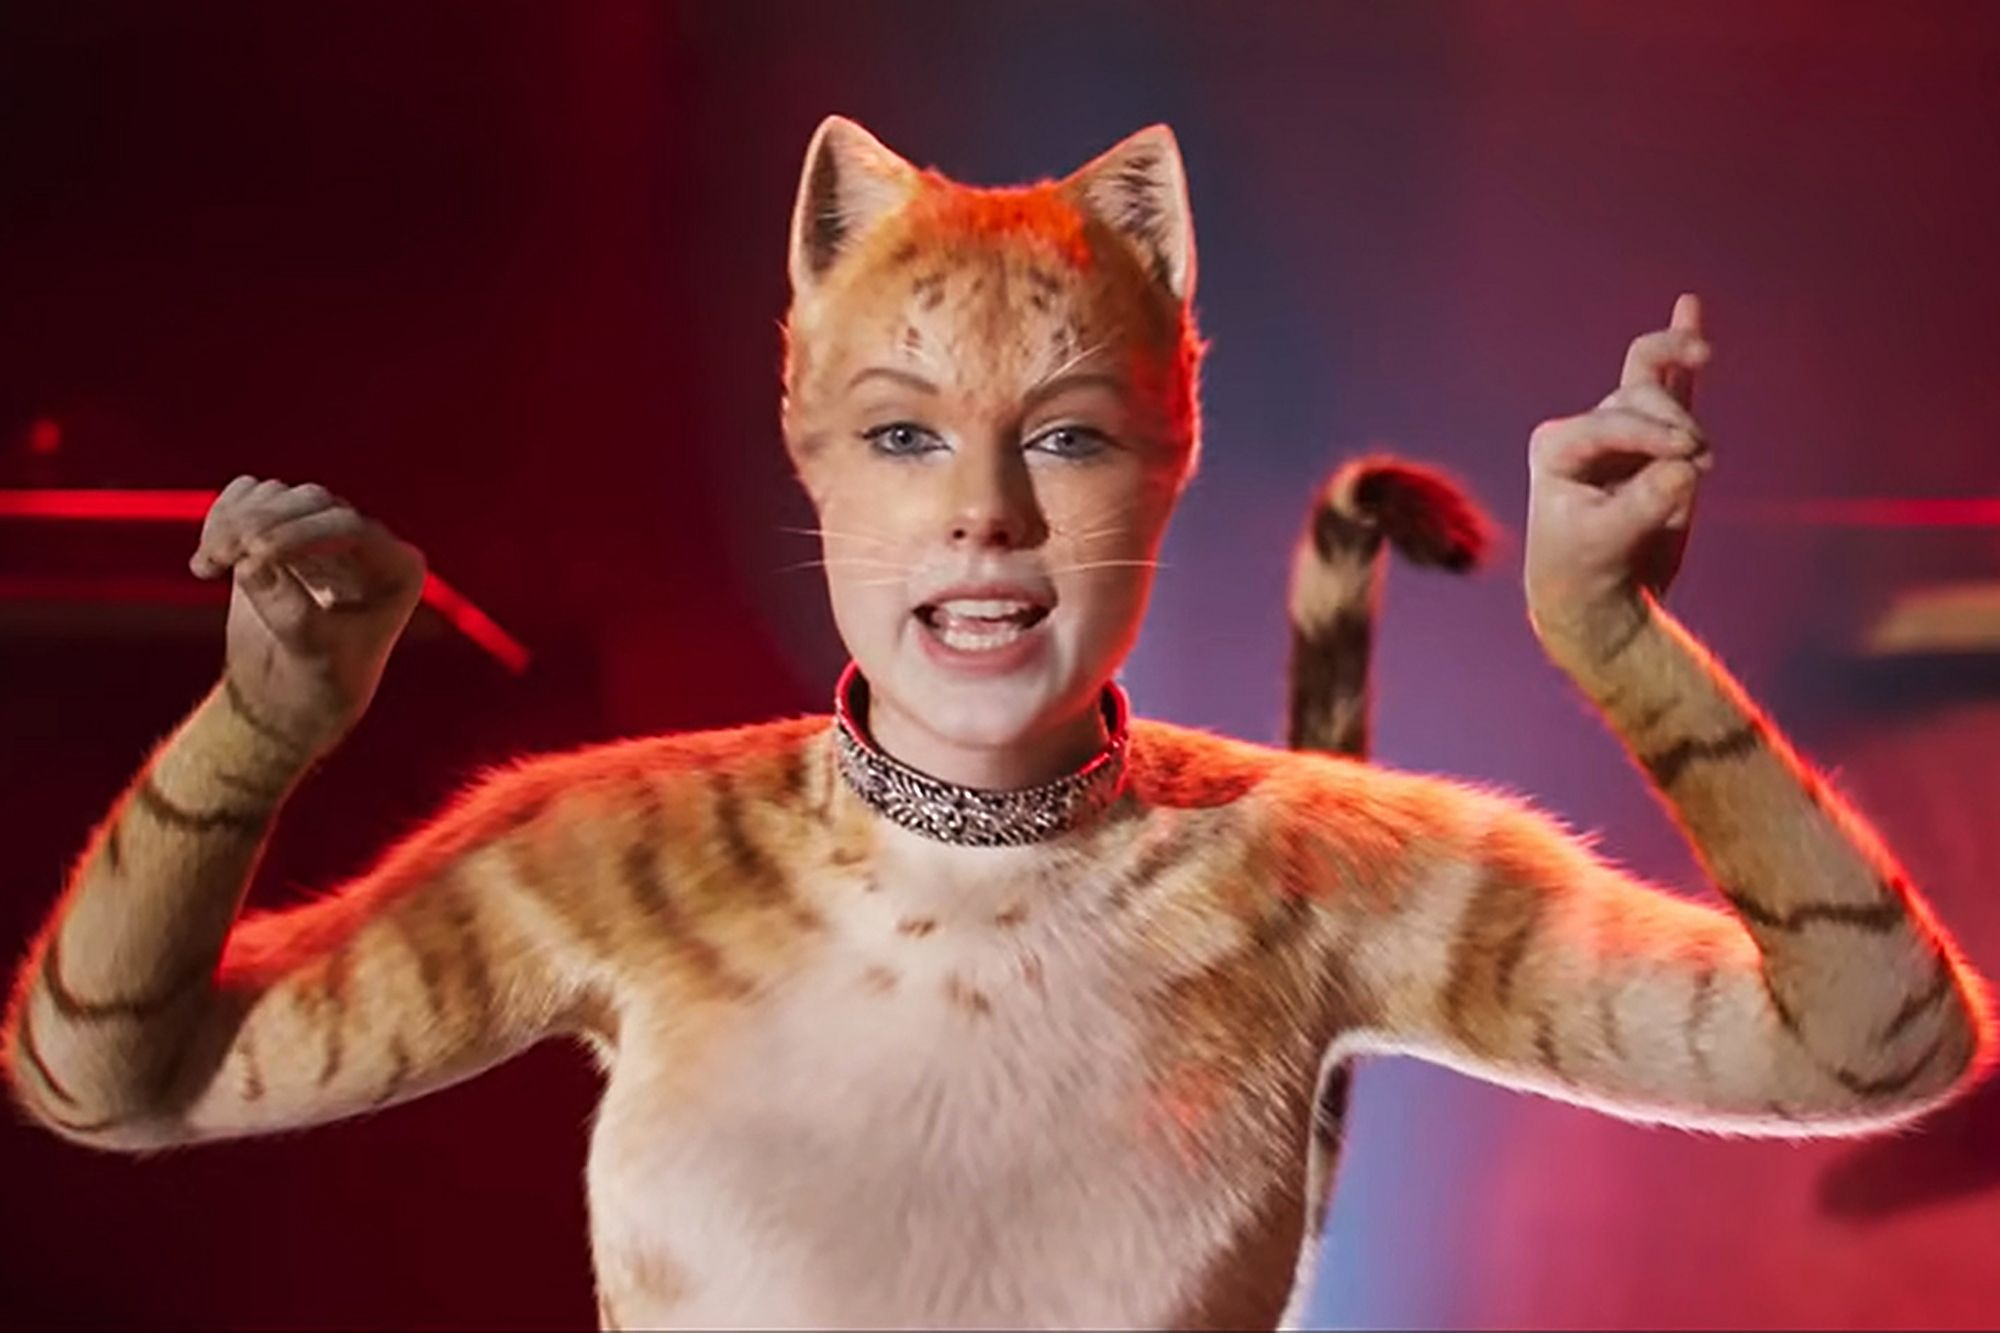 انجمن جهانی جلوههای ویژه به تمسخر فیلم Cats در اسکار واکنش نشان داد